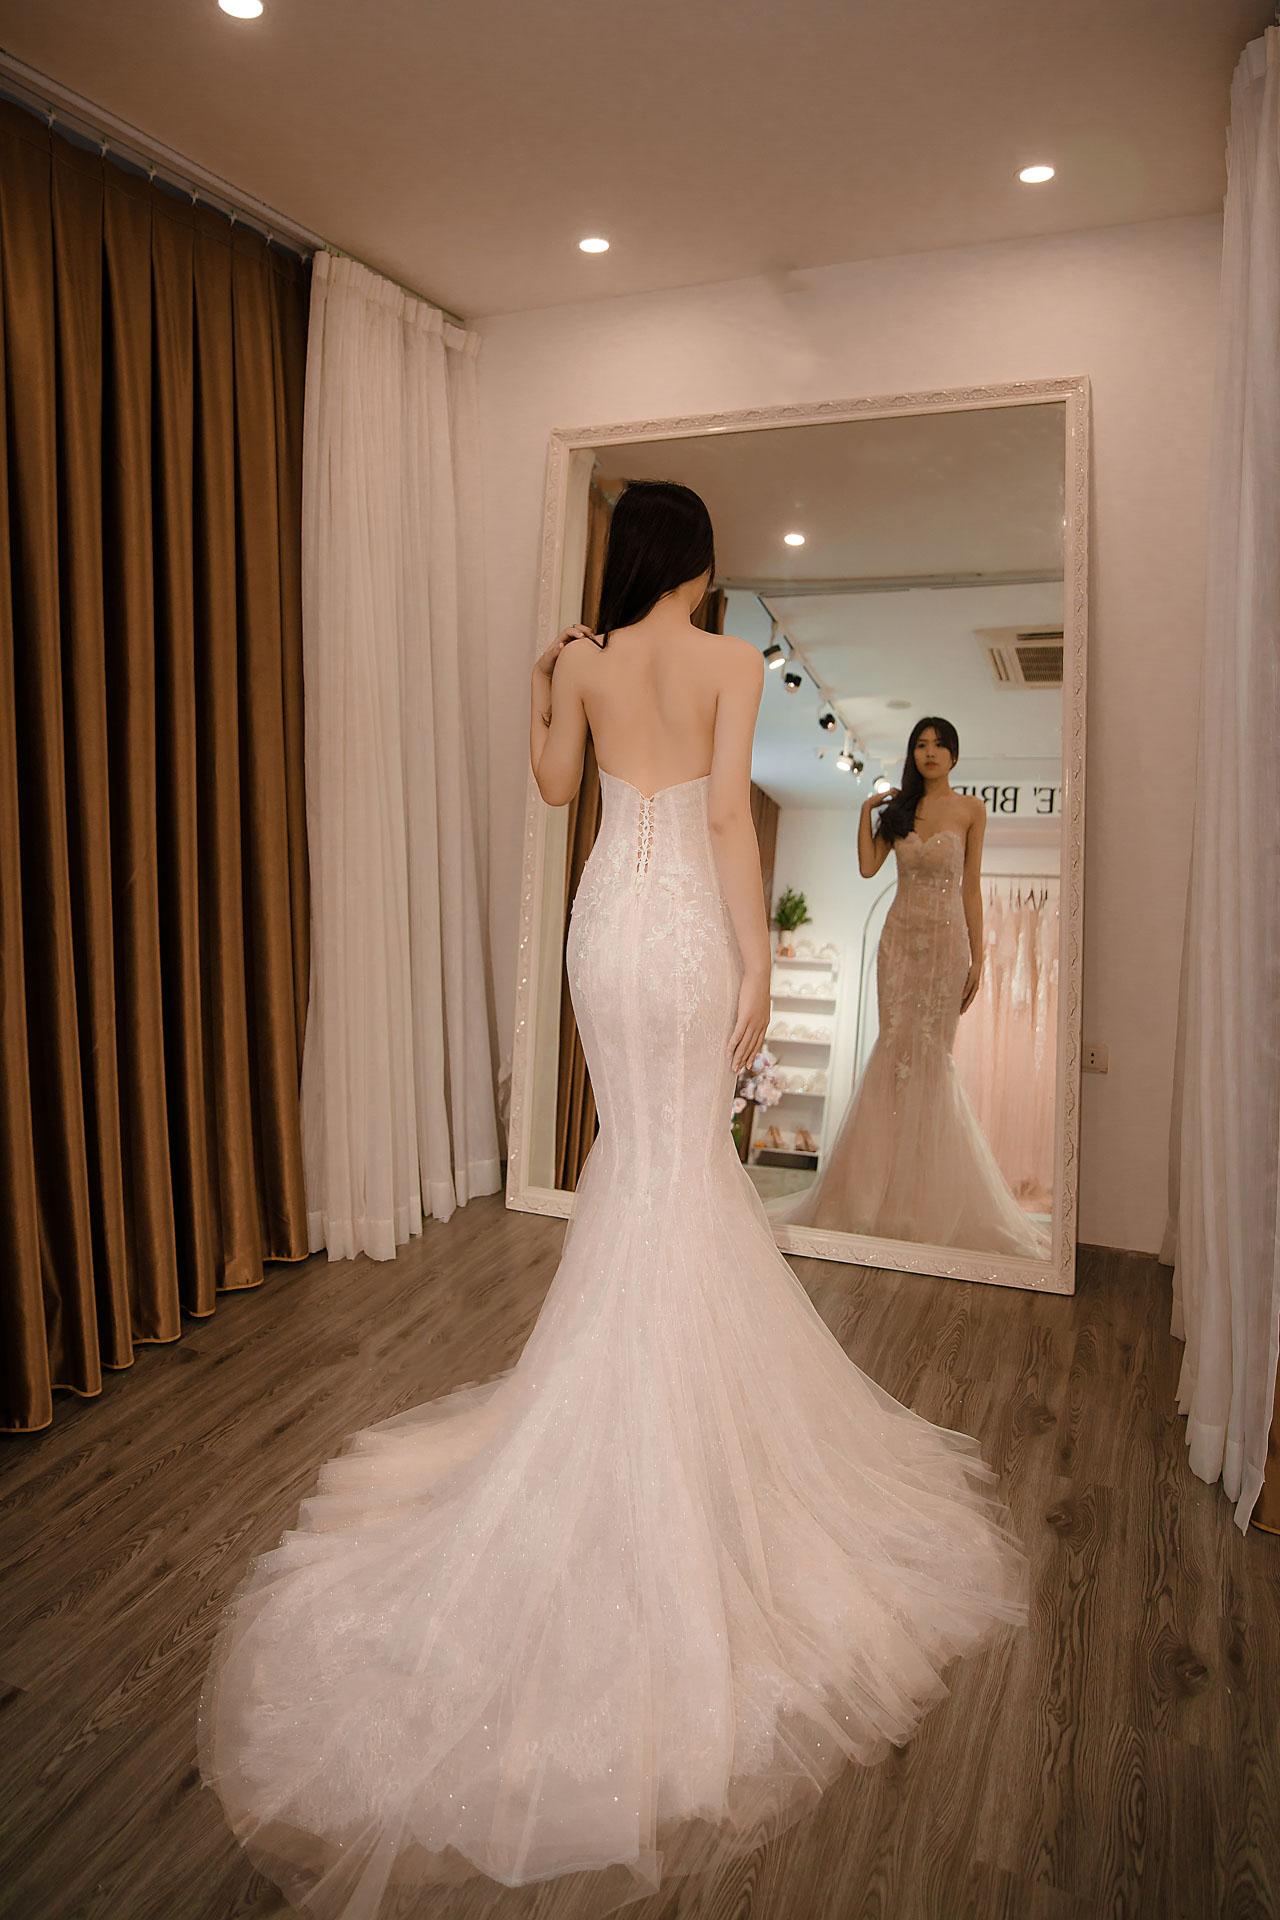 thuê váy cưới giá dưới 1 triệu